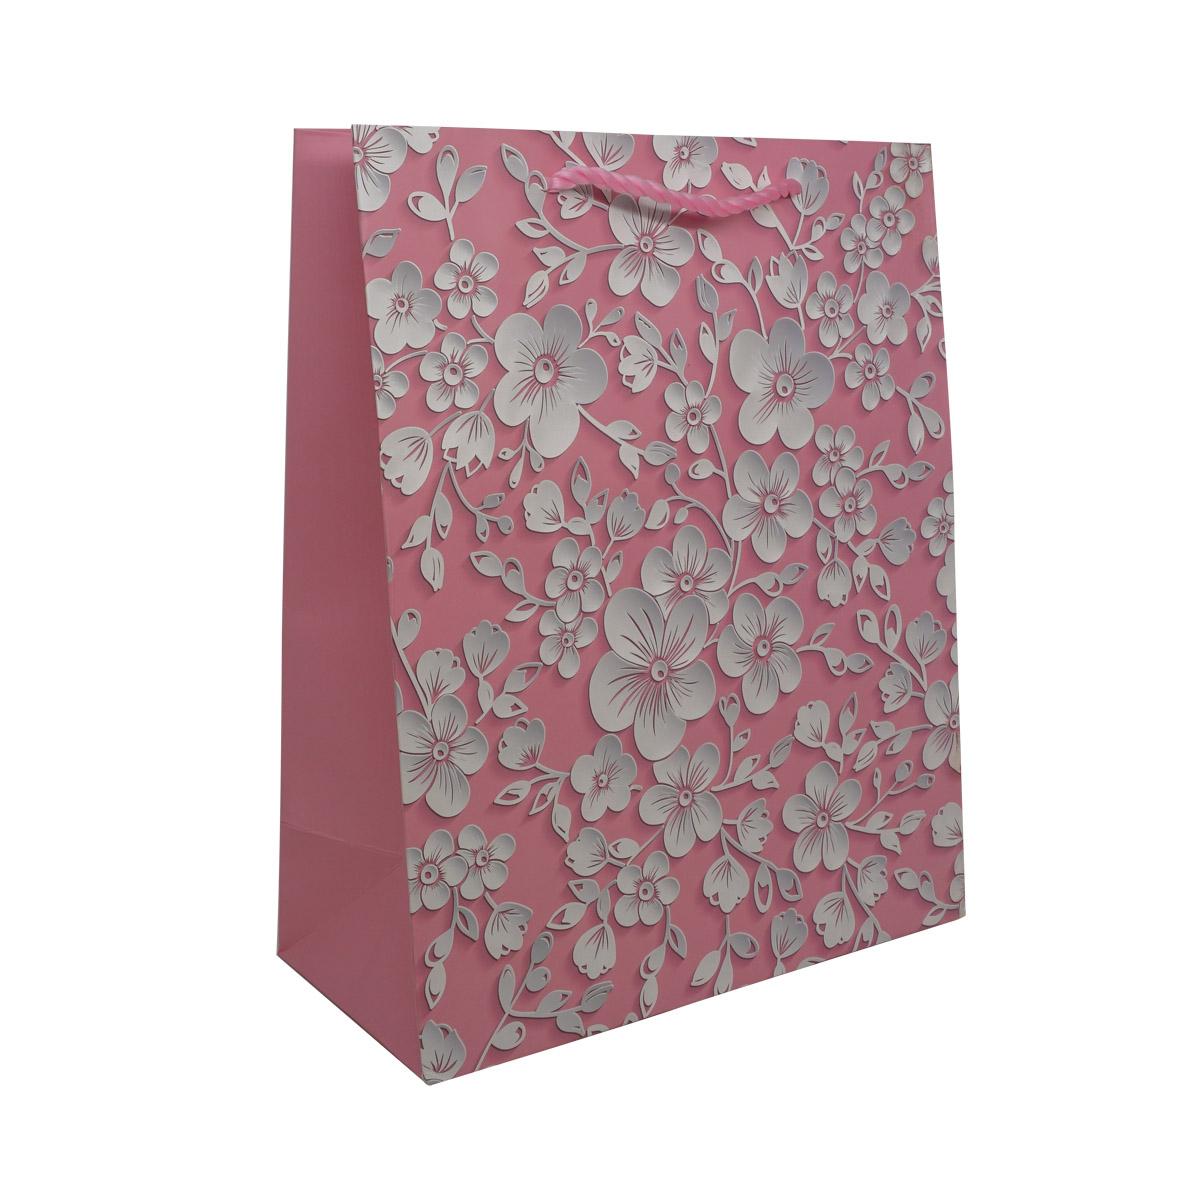 BK961-1 Пакет подарочный ламинированный 'Цветы', 32*26*12см